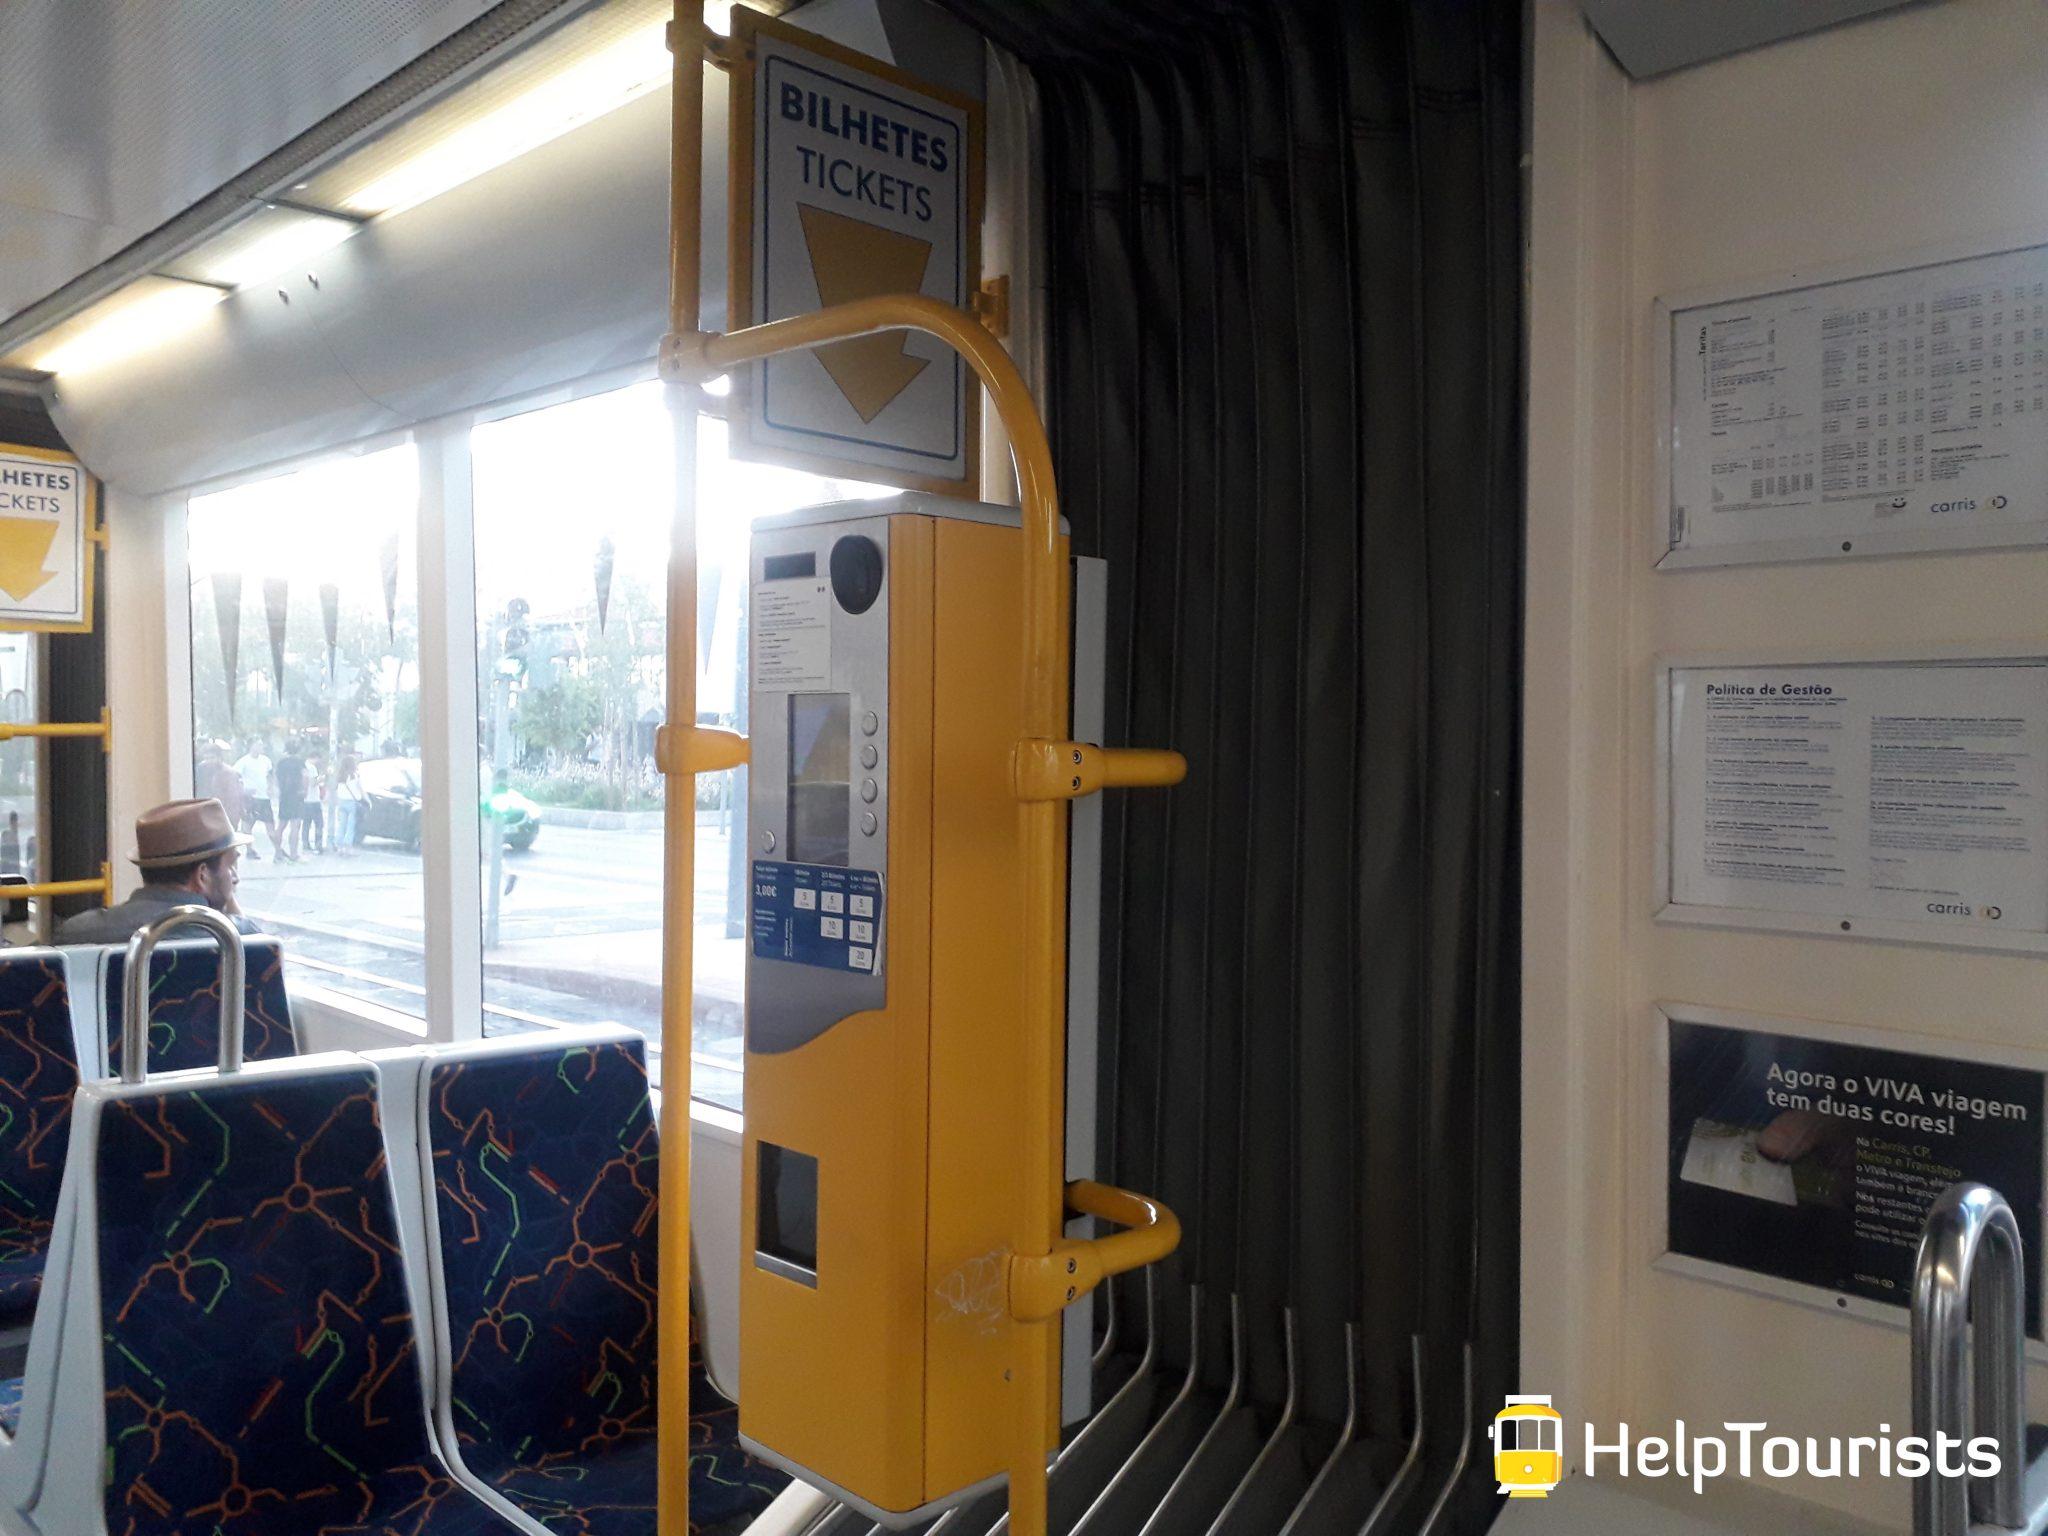 Lissabon Tram 25 Tickets